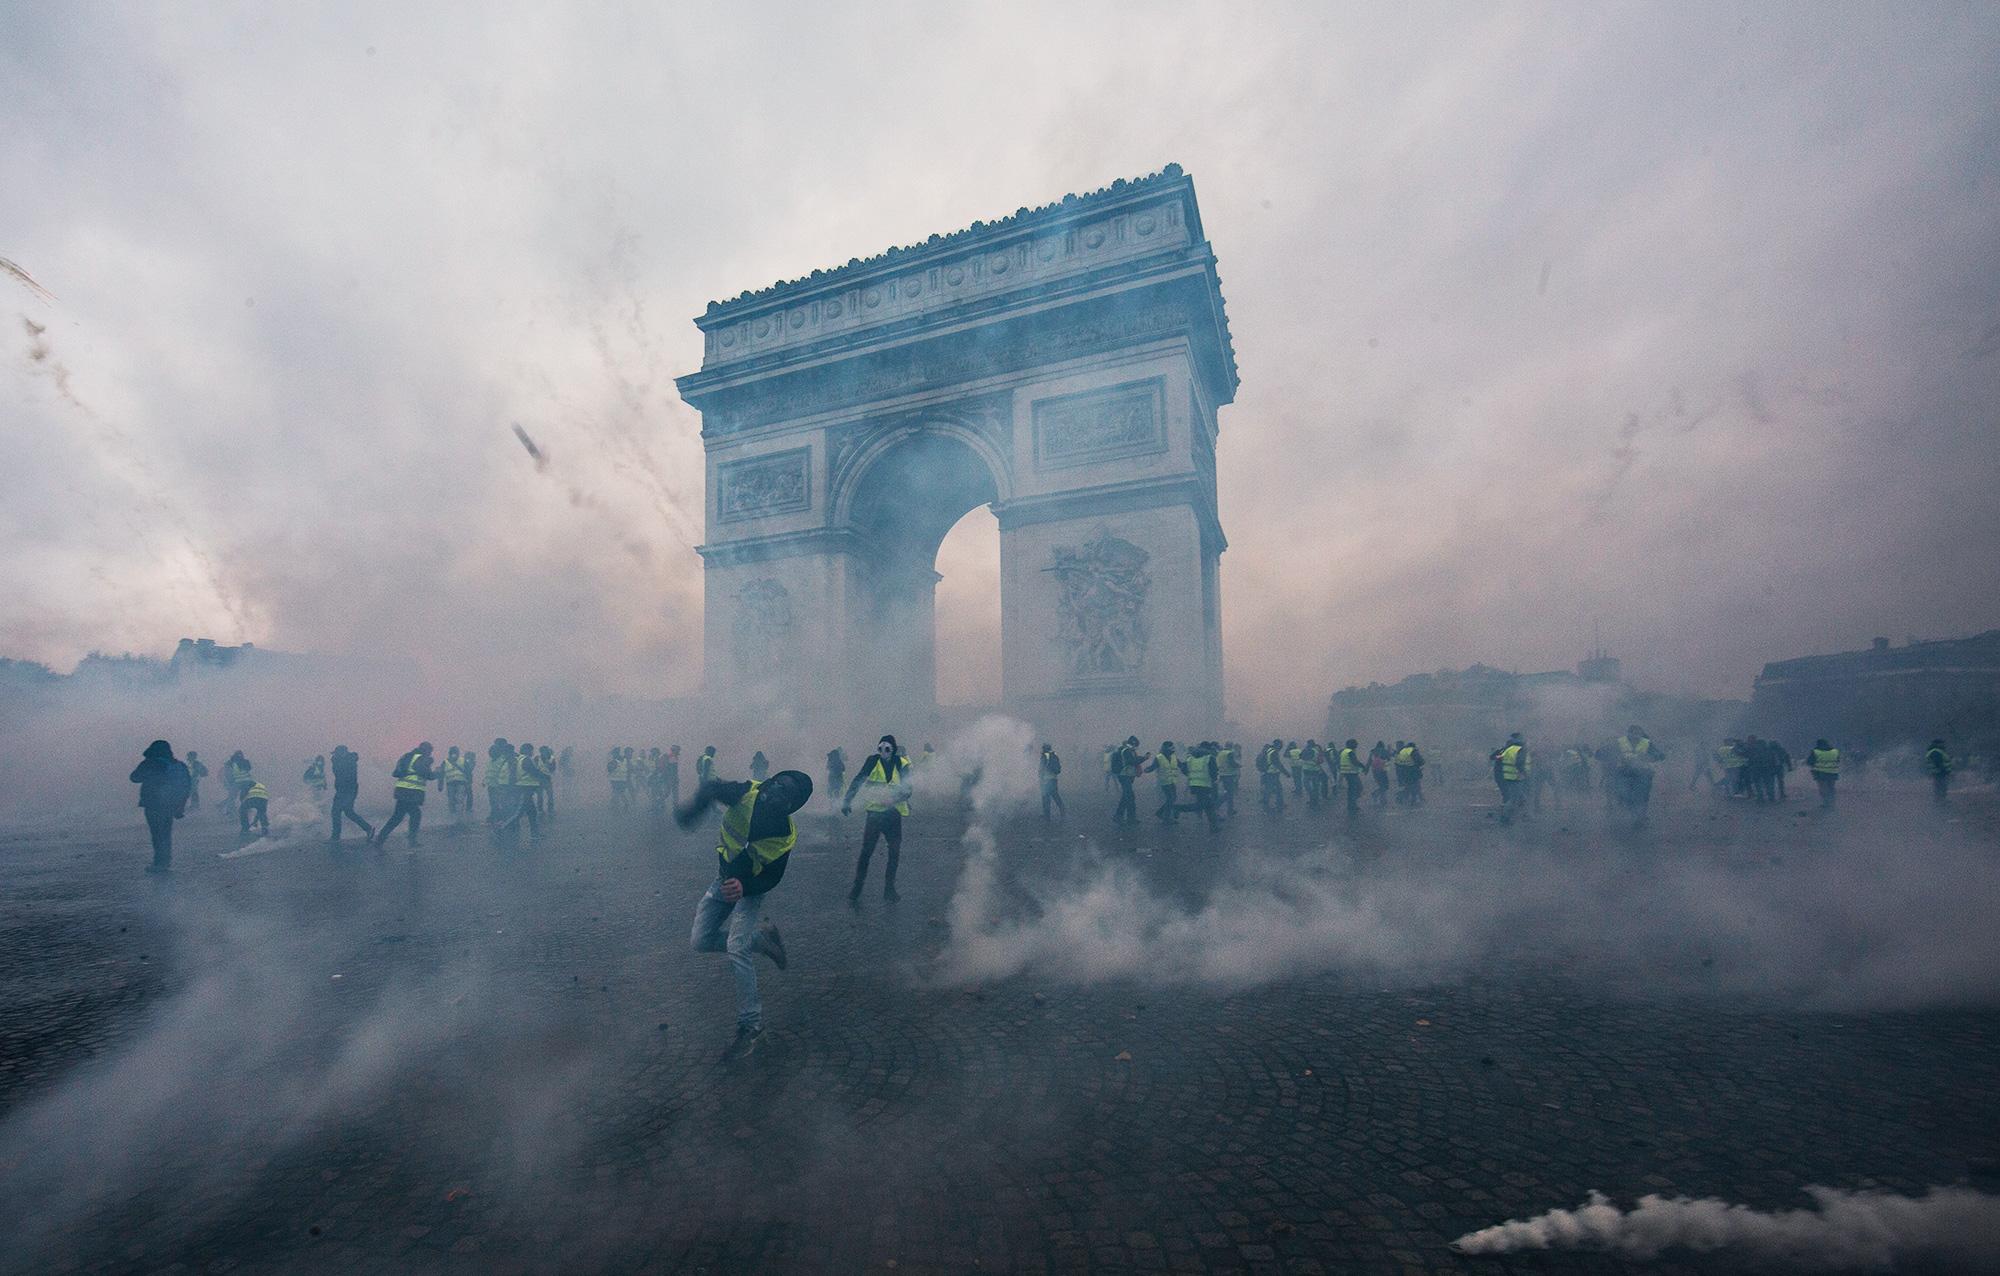 Облако слезоточивого газа вокруг протестующих исиловиков во время демонстрации «Желтых жилетов» возле Триумфальной арки 1 декабря 2018 вПариже